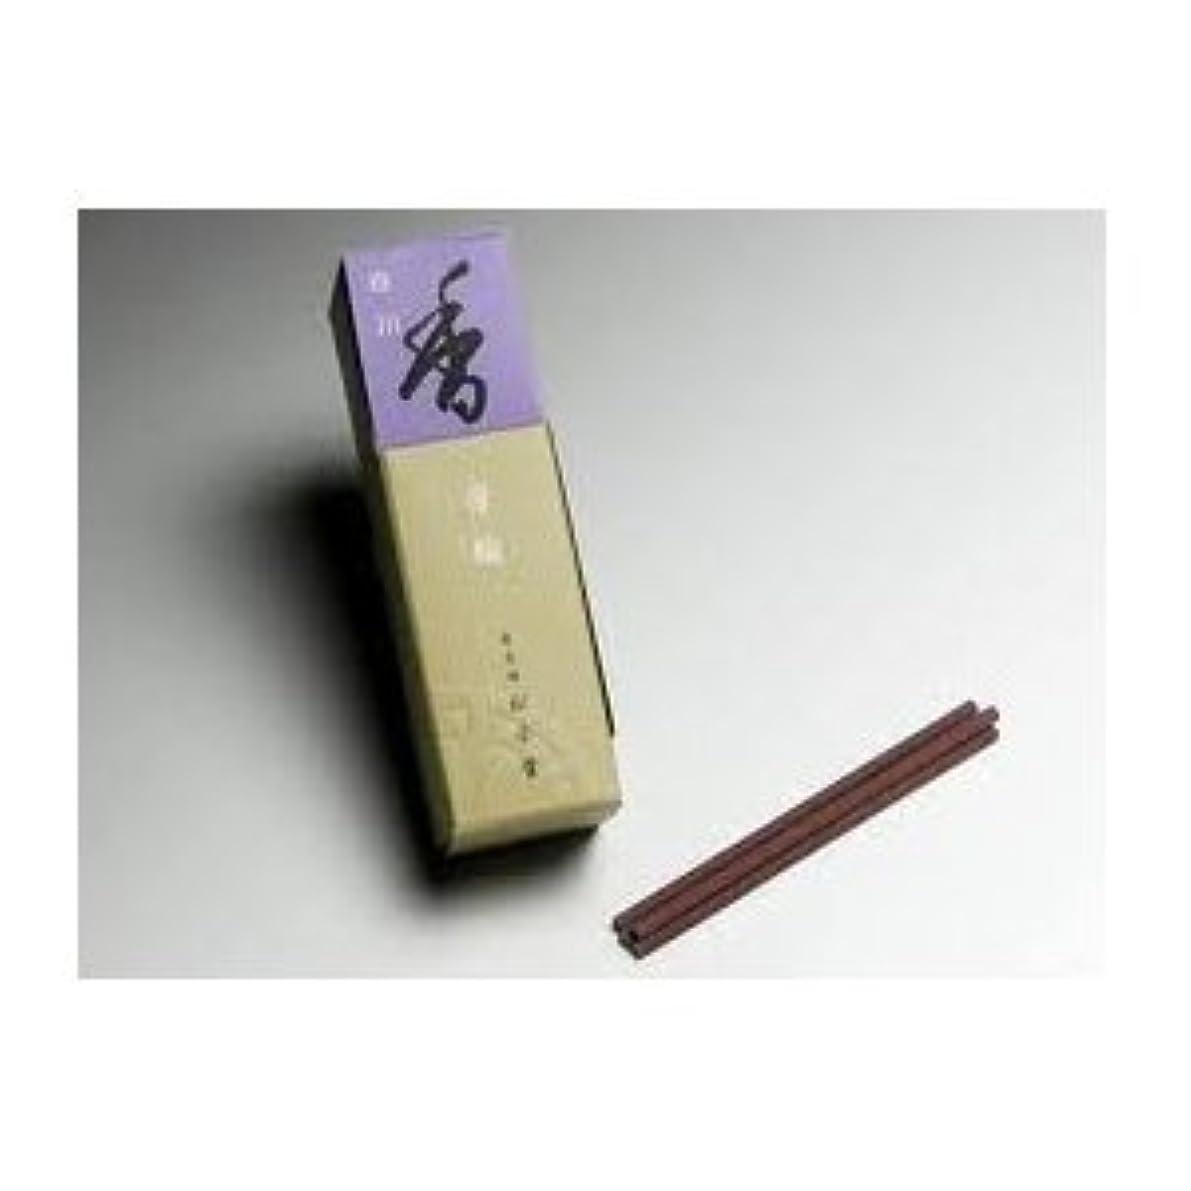 切る原油織る松栄堂 芳輪 白川 スティック型 20本入